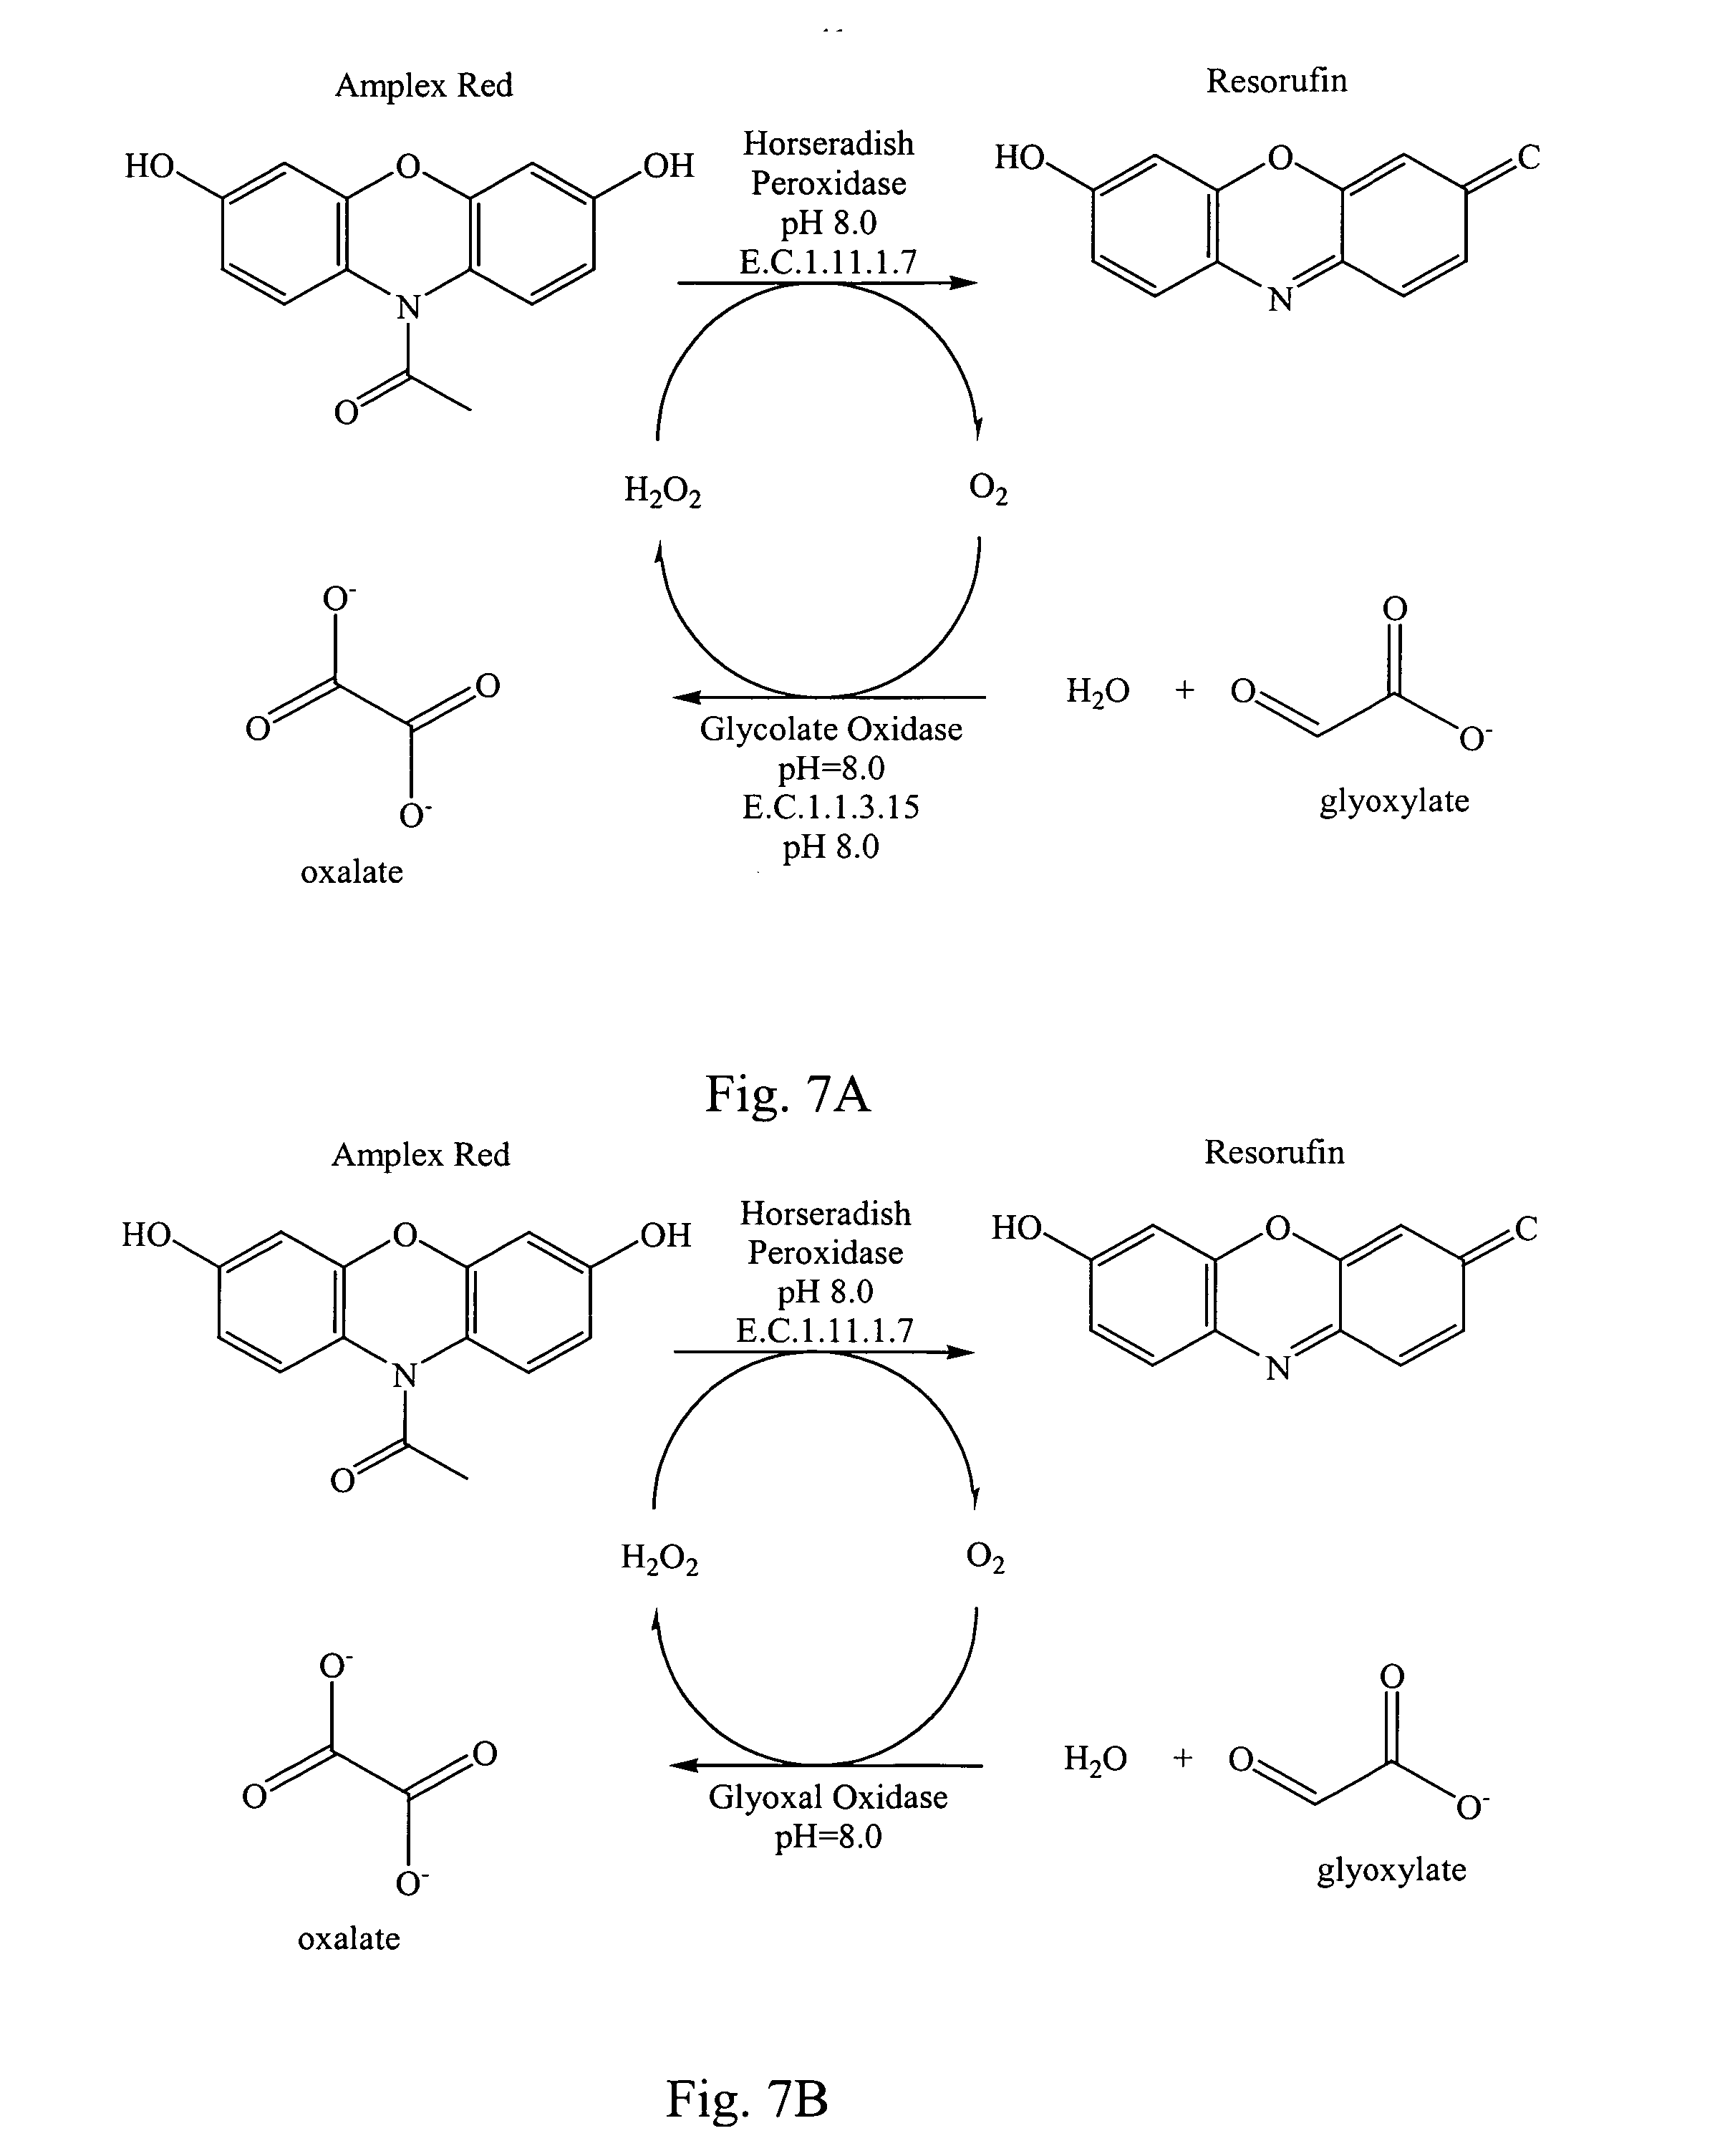 peptidylglycine alpha amidating enzyme Enzyme entry: ec 114173 pam peptidyl alpha-amidating enzyme peptidylglycine 2-hydroxylase peptidylglycine alpha-amidating monooxygenase.